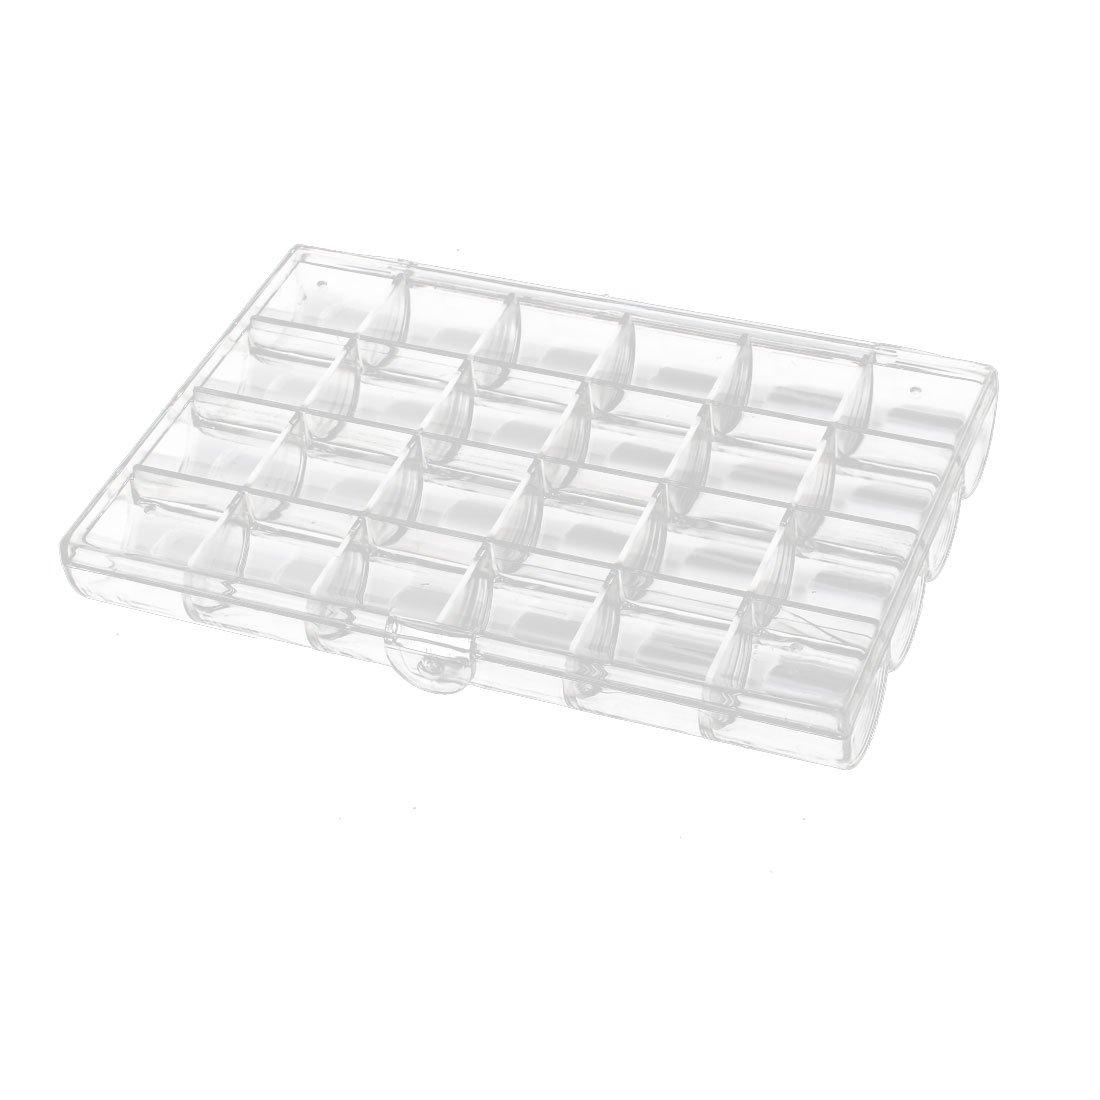 uxcell 180mmx125mmx25mm 24 Slots Half Round Storage Organizer Case DIY Tool Clear